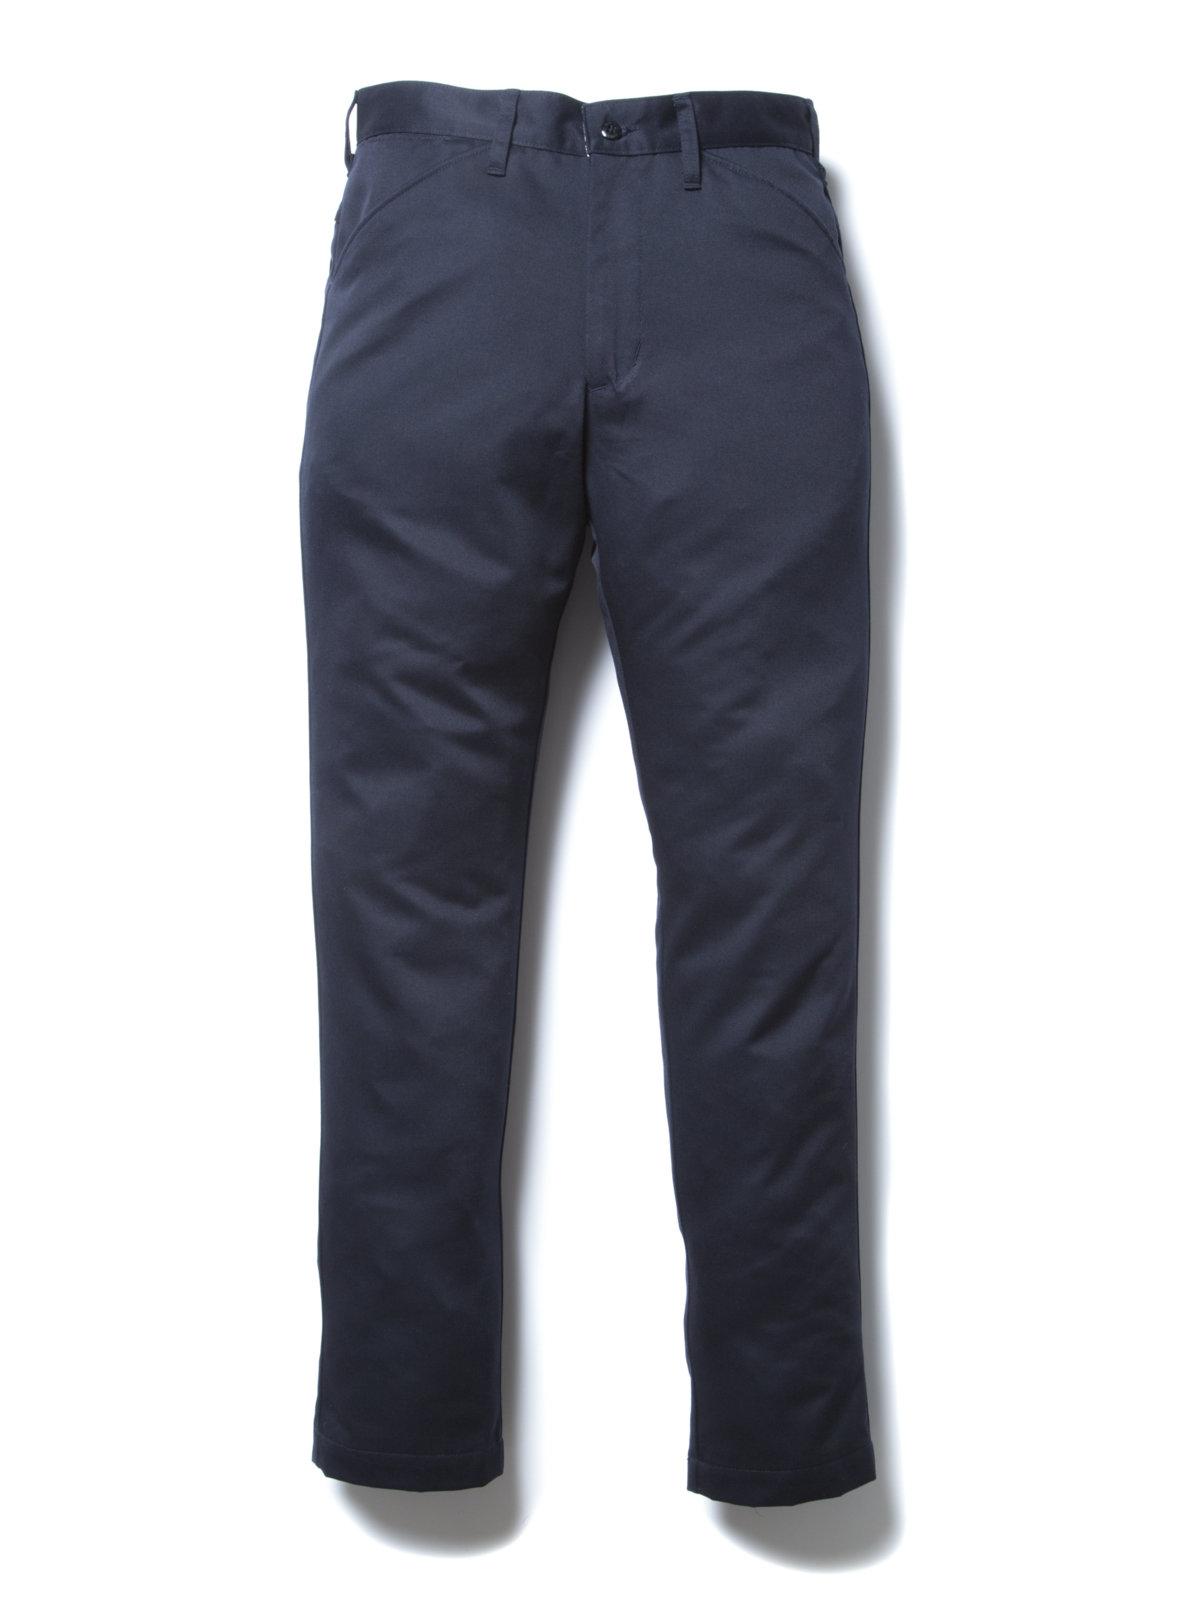 Slim Fit Work Trousers-DK Navy-